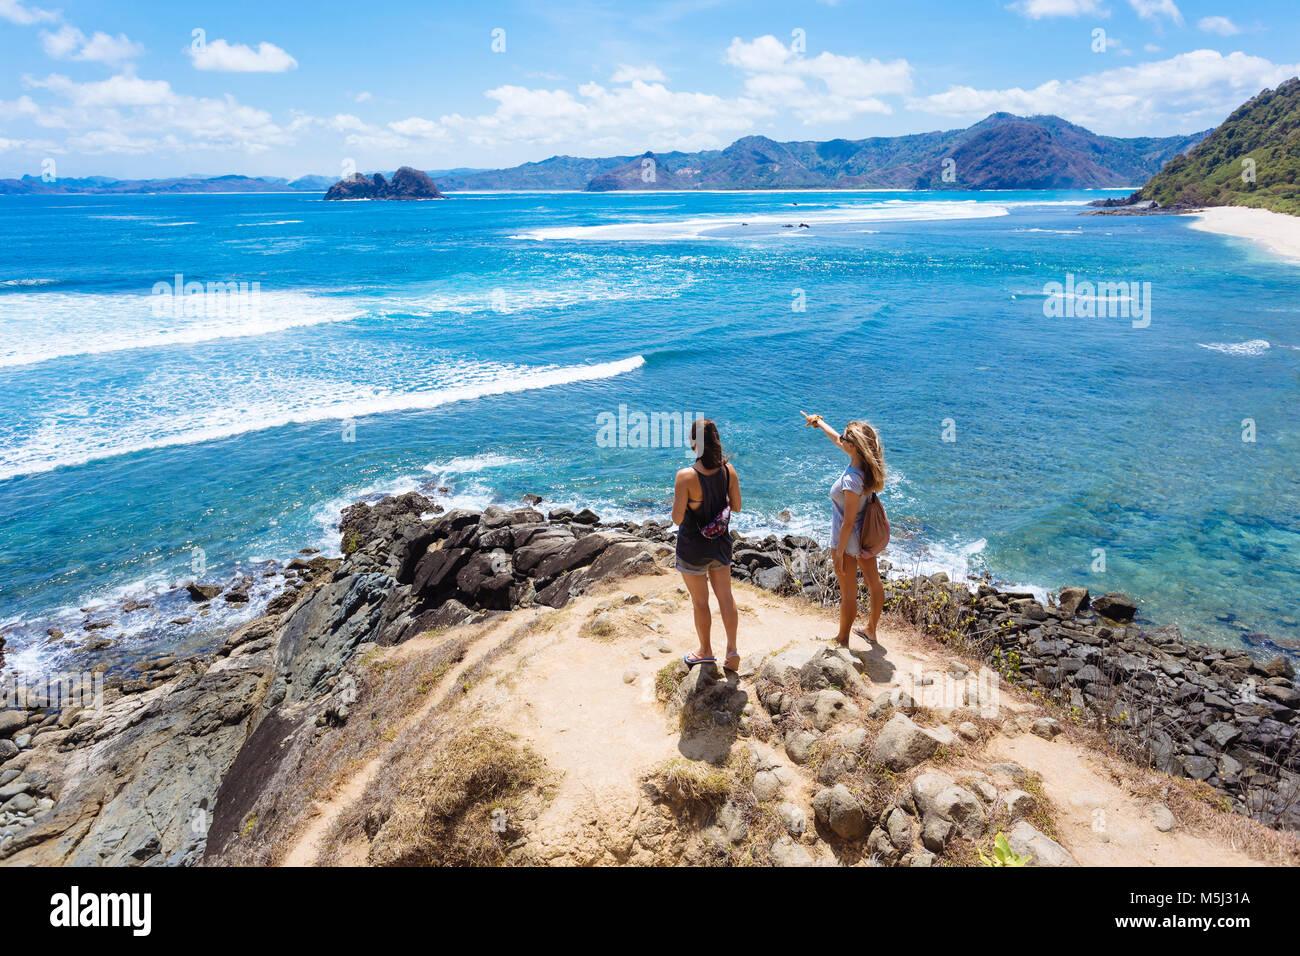 L'Indonésie, Lombok, deux jeunes femmes au littoral de l'océan Photo Stock